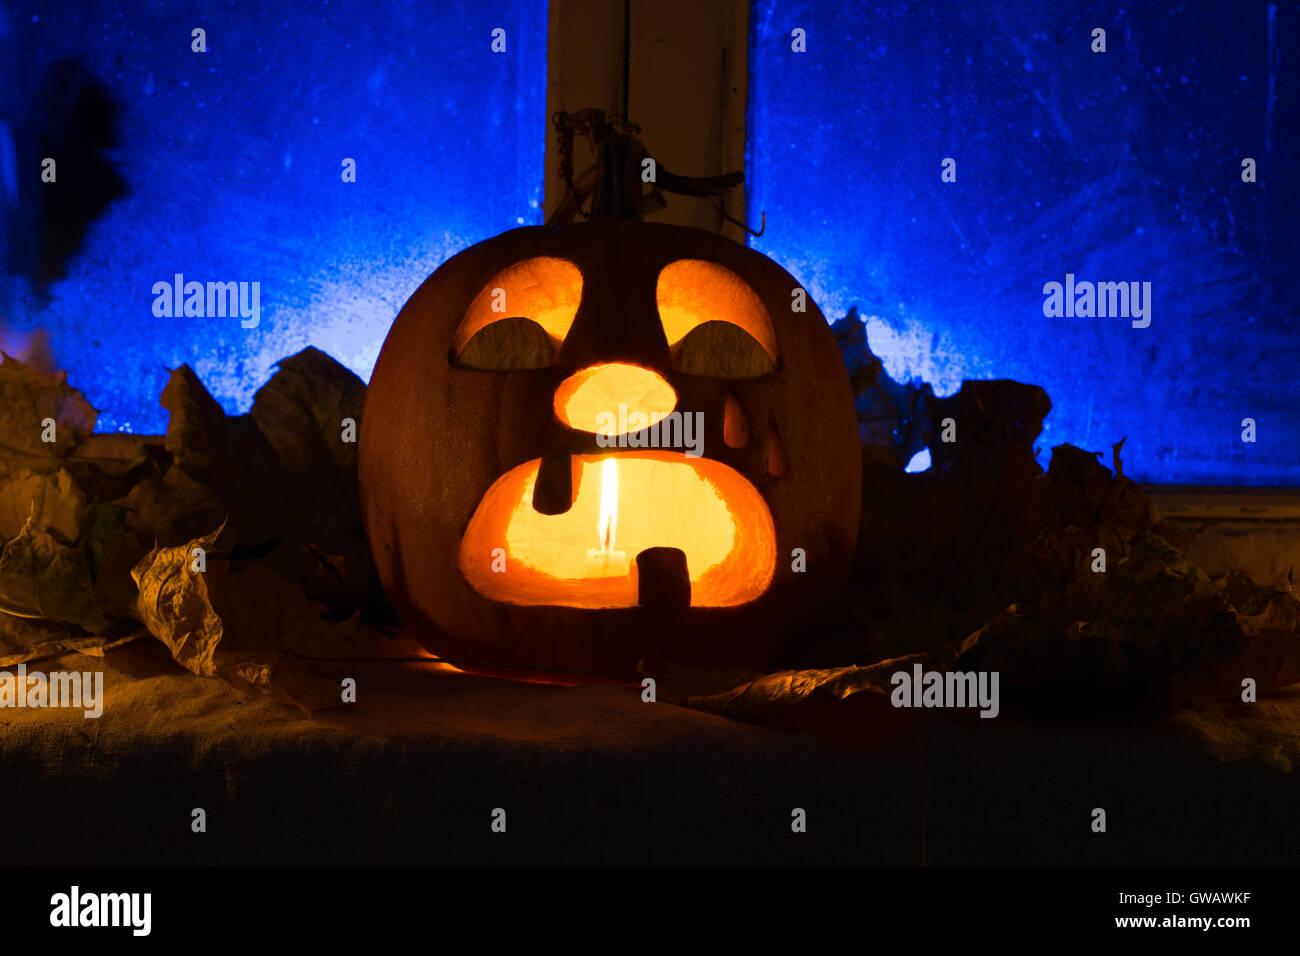 Foto per una vacanza halloween il pianto la zucca contro una